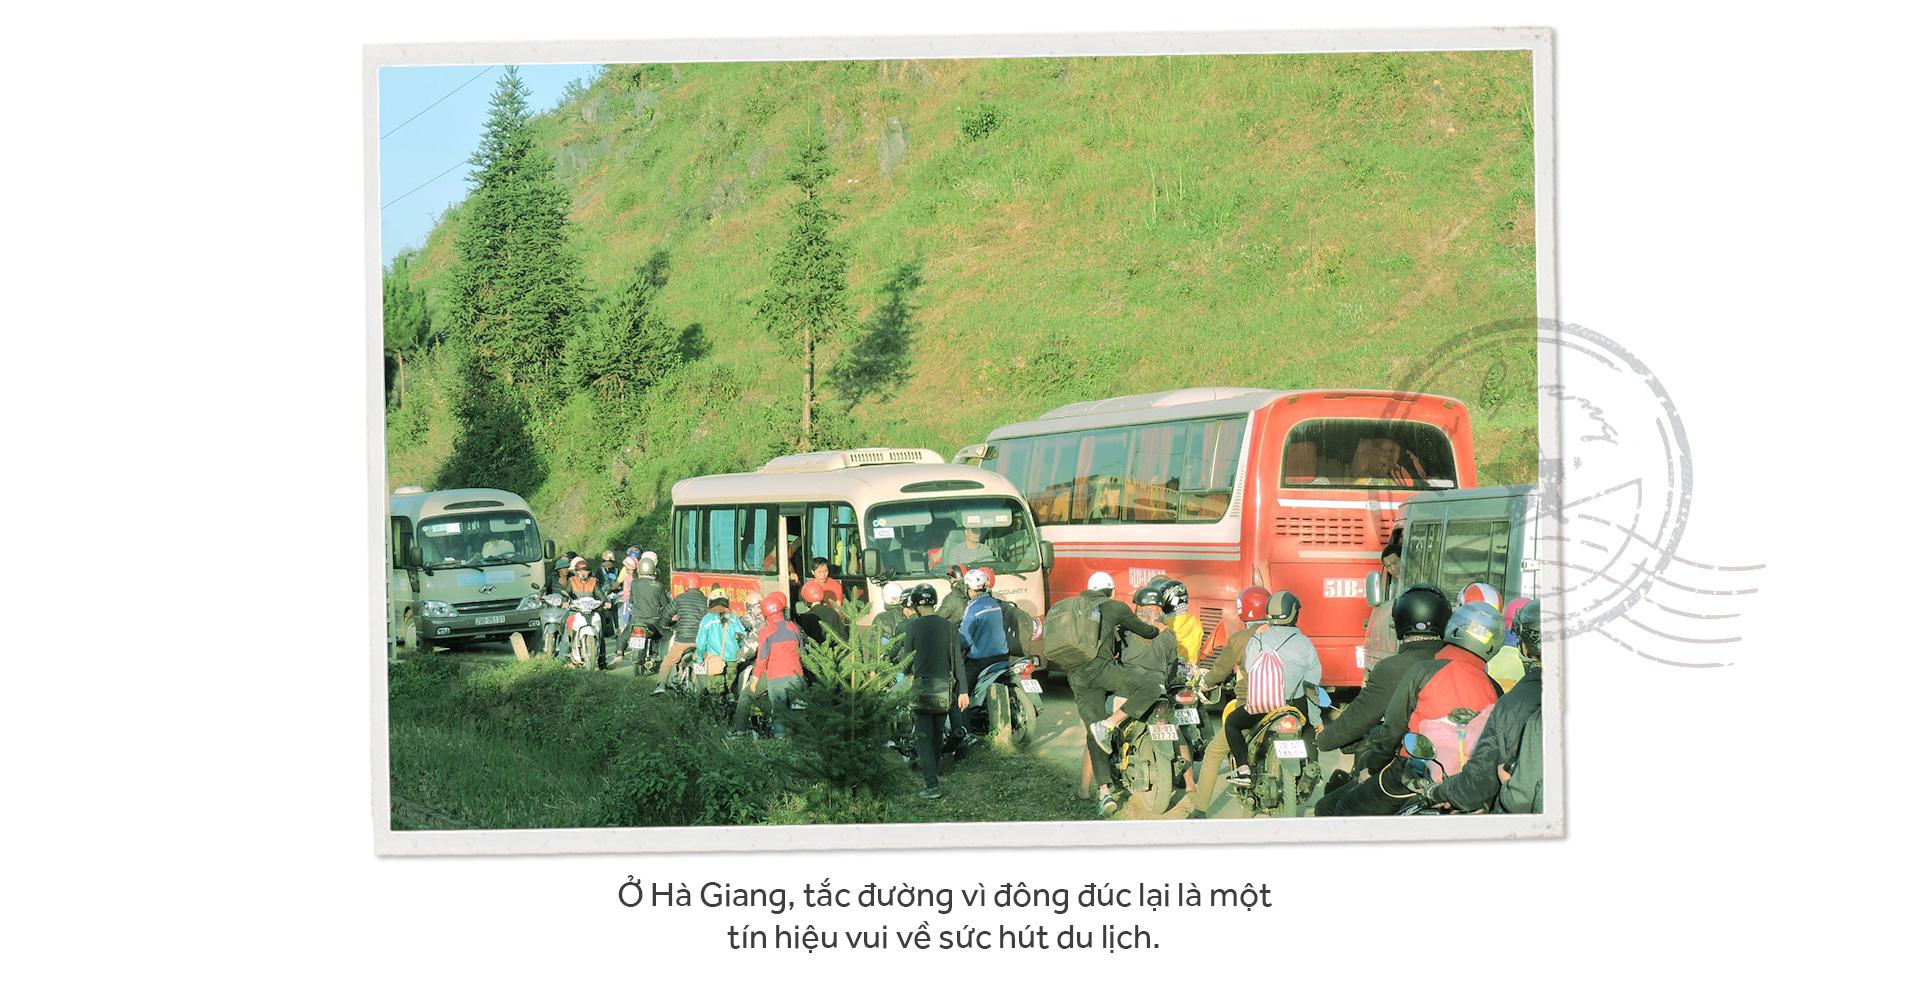 55 năm Cung đường Hạnh Phúc trên trập trùng núi đá Hà Giang - Ảnh 23.